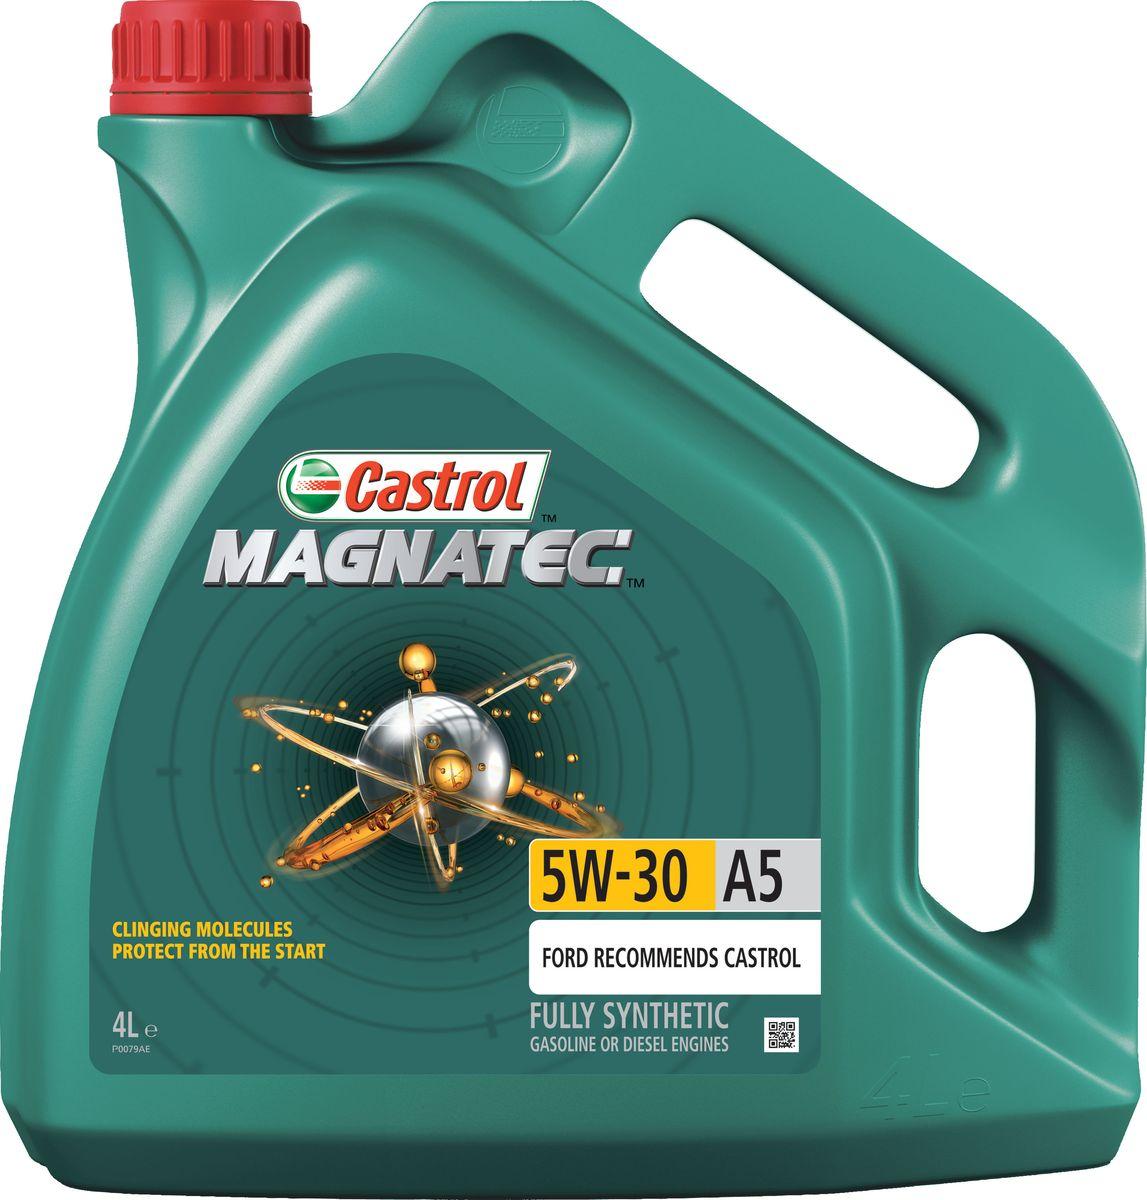 Моторное масло Castrol Magnatec 5W-30 A5, 4 л15583DОписание До 75% износа двигателя происходит во время его пуска и прогрева. Когда двигатель выключен, обычное масло стекает в поддон картера, оставляя важнейшие детали двигателя незащищенными. Молекулы Castrol Magnatec подобно магниту притягиваются к деталям двигателя и образуют сверхпрочную масляную пленку, обеспечивающую дополнительную защиту двигателя в период пуска, когда риск возникновения износа существенно возрастает. Применение Моторное масло Castrol Magnatec 5W-30 A5 предназначено для бензиновых и дизельных двигателей автомобилей, в которых производитель рекомендует использовать смазочные материалы класса вязкости SAE 5W-30, спецификаций ACEA A5/B5, A1/B1, API SN/CF ILSAC GF-4 или более ранних. Castrol Magnatec 5W-30 A5 подходит для применения в двигателях автомобилей Ford, требующих моторные масла спецификаций Ford WSS-M2C913-D, Ford WSS-M2C913-C, Ford WSS-M2C913-B или Ford WSS-M2C913-A. Преимущества Молекулы Castrol Magnatec Intelligent Molecules: ·удерживаются на важнейших...